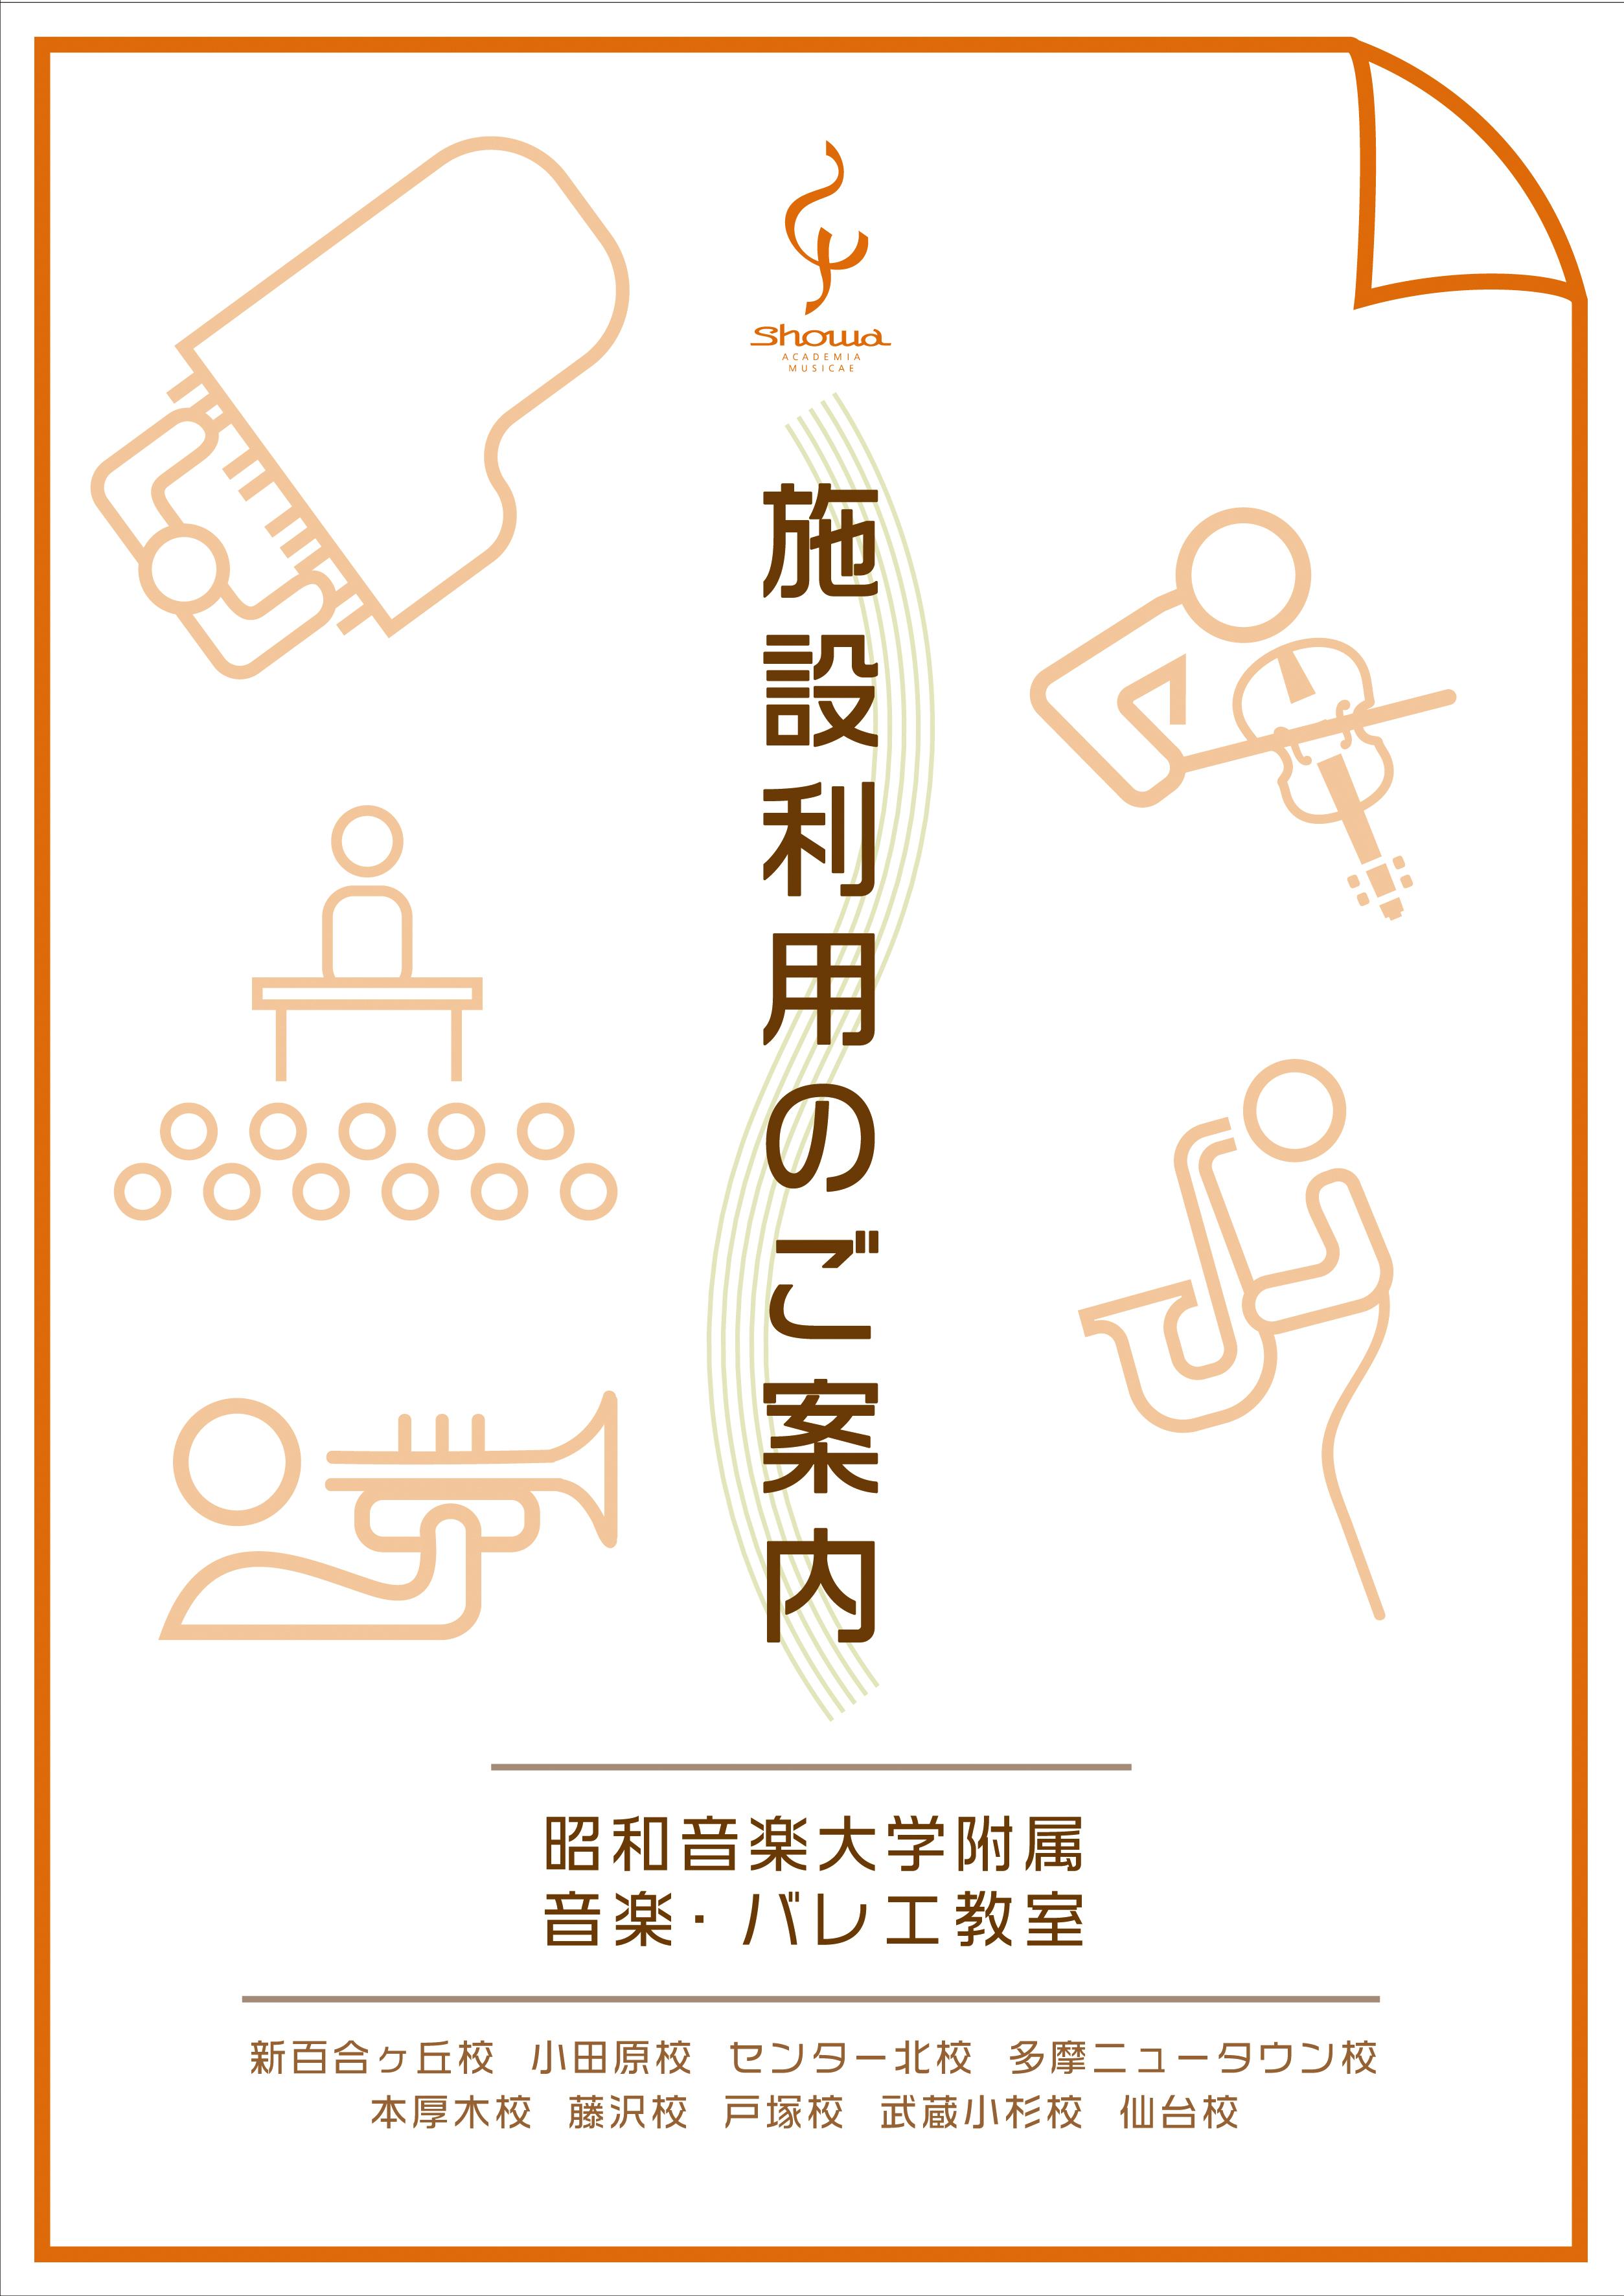 昭和音楽大学附属音楽教室施設利用パンフレットデザイン